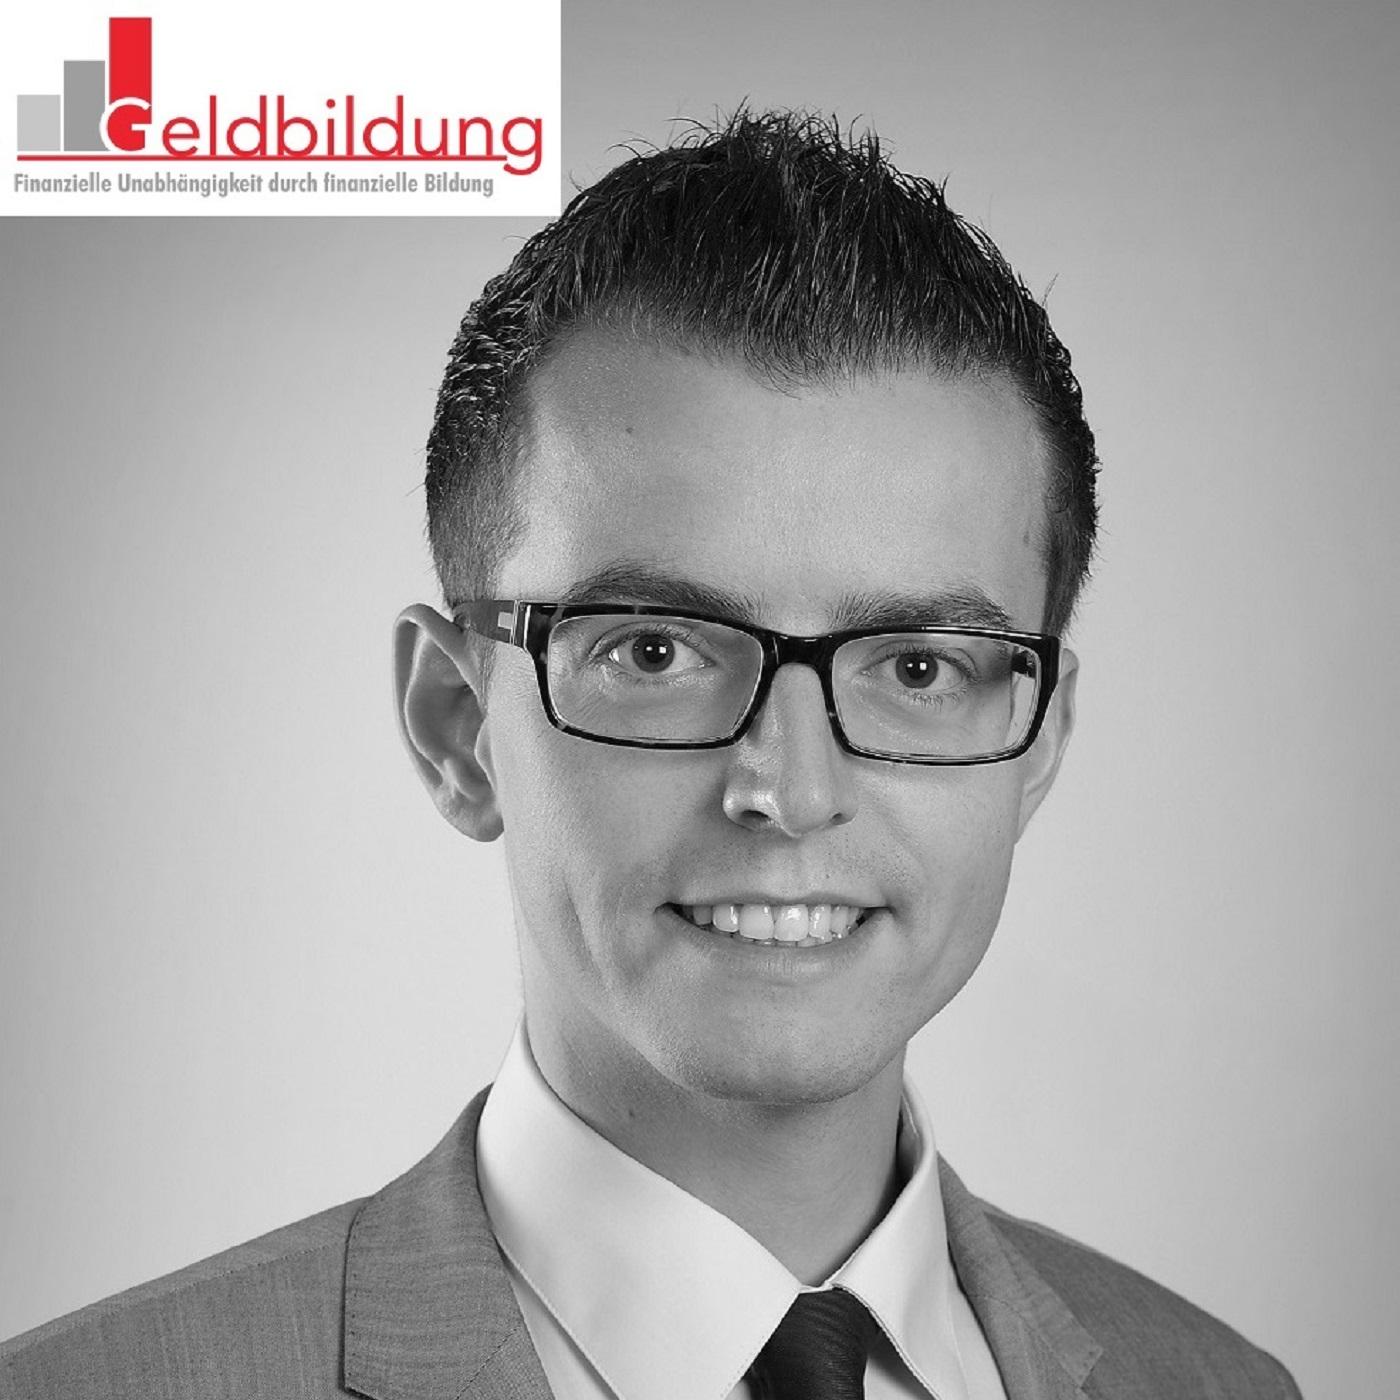 Nr. 1: Vorstellung Geldbildung.de und Einführung in den Finanzmarkt